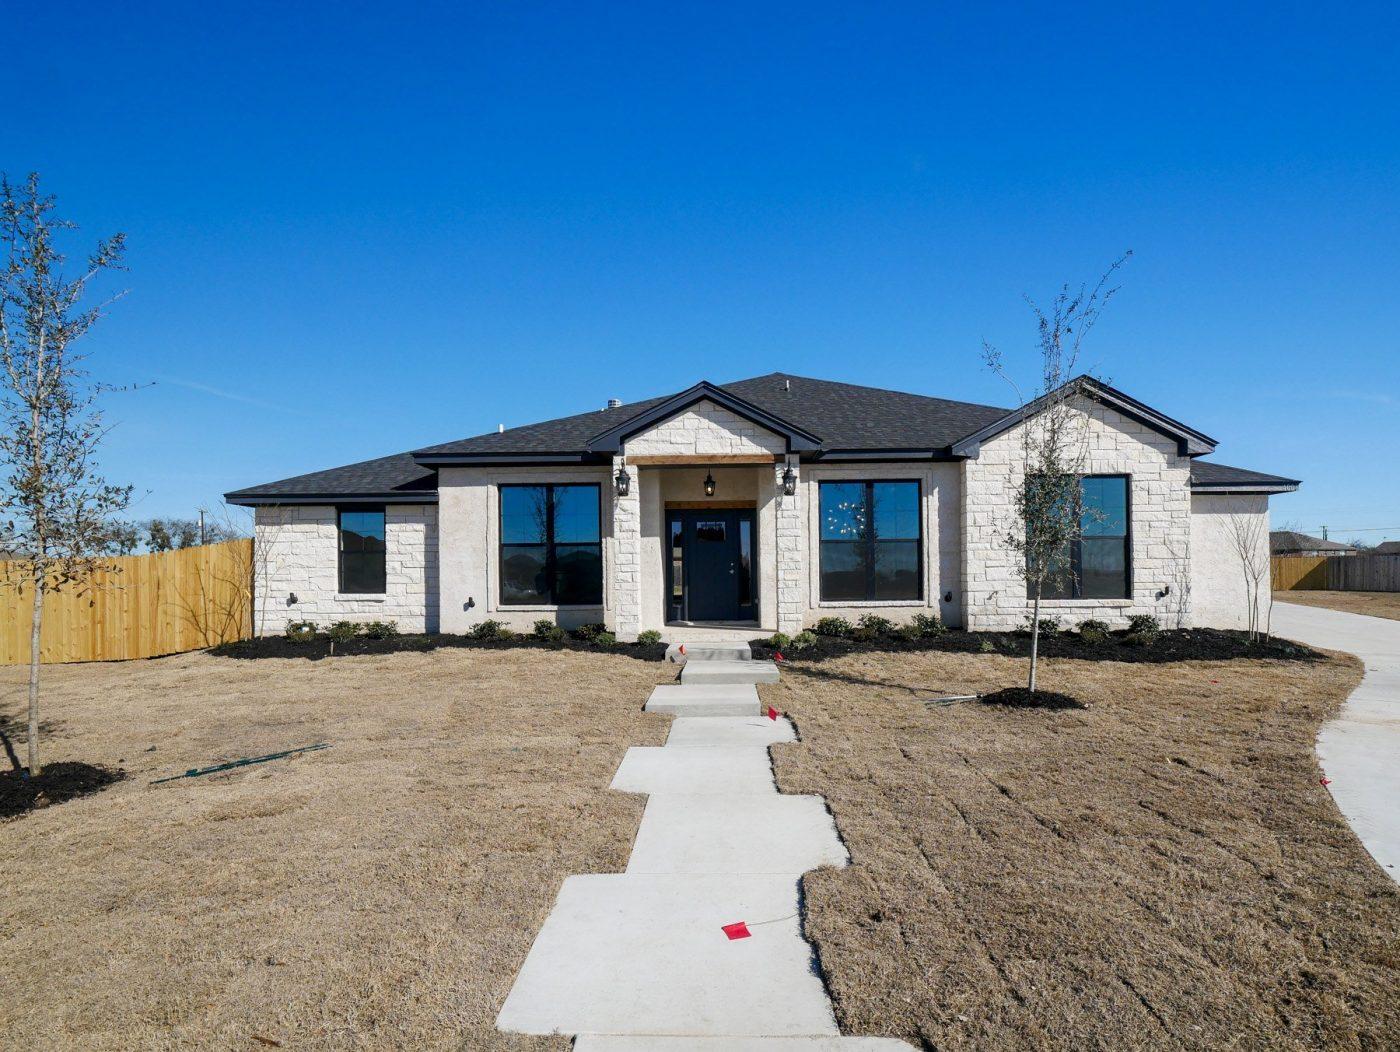 4006 BIG BROOKE - Shelby Home exterior Salado TX